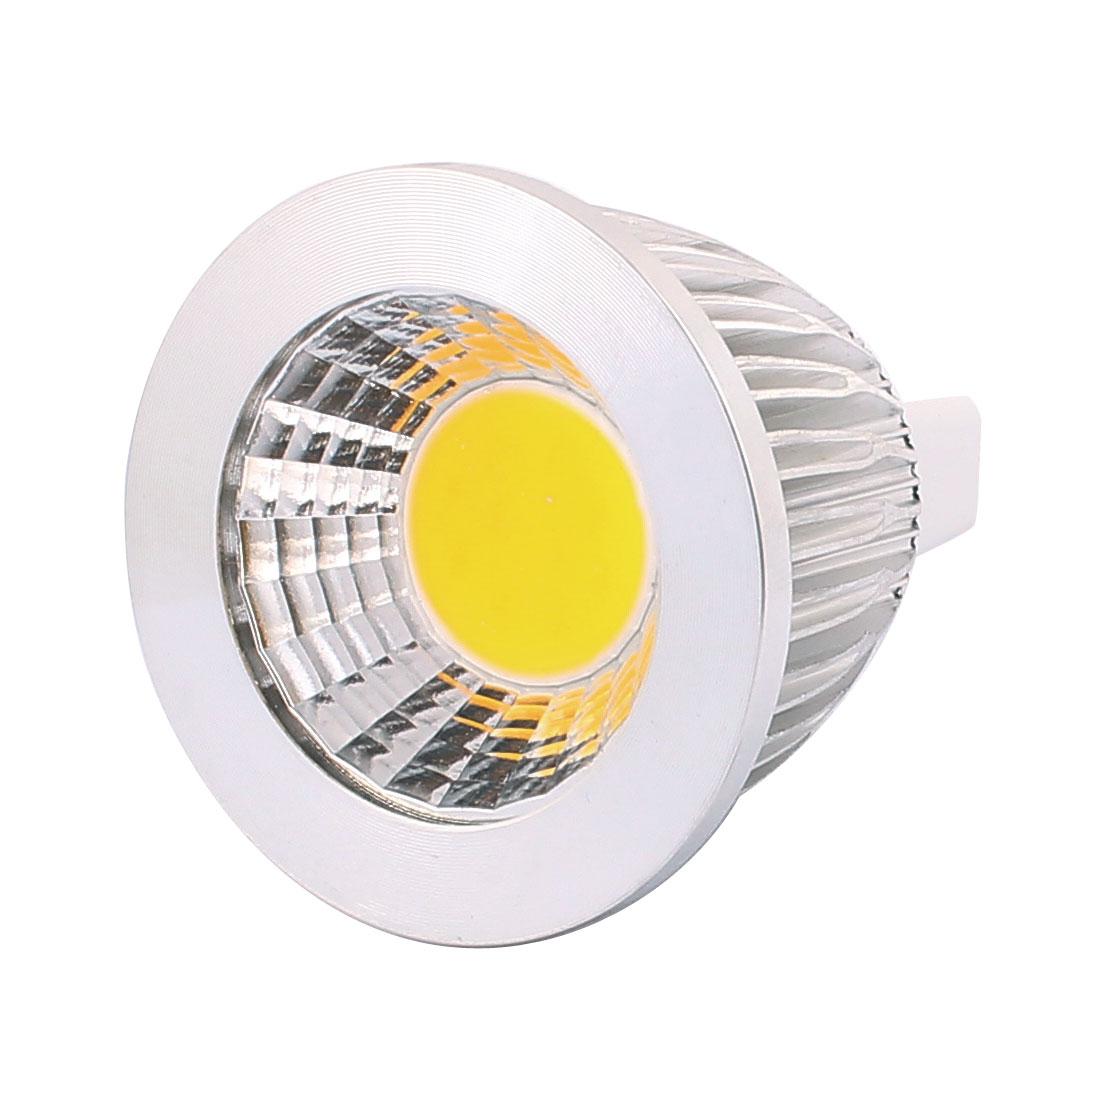 DC12V 5W Bright MR16 COB LED Spot Down Light Lamp Energy Saving Pure White